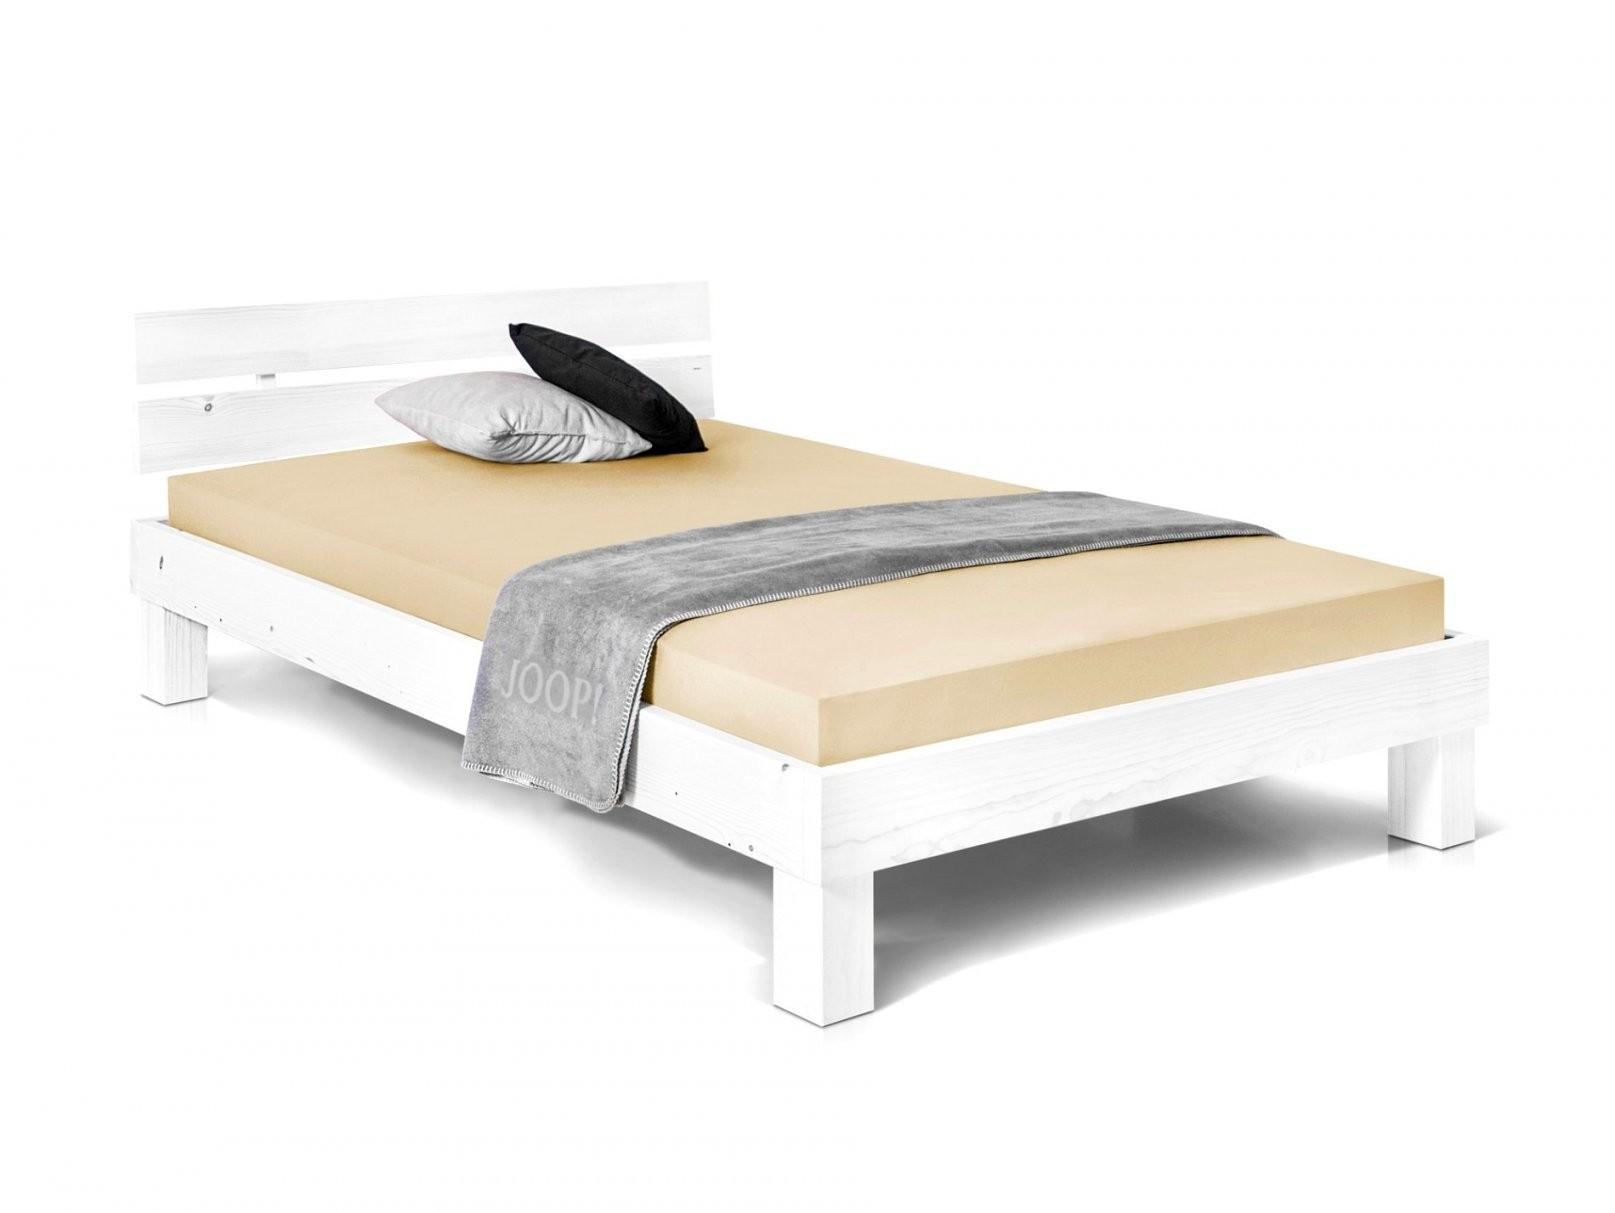 Wohnkultur Pocco Betten Poco 160X200 Schon Kreativ Bett Mit von Bett 160X200 Poco Bild